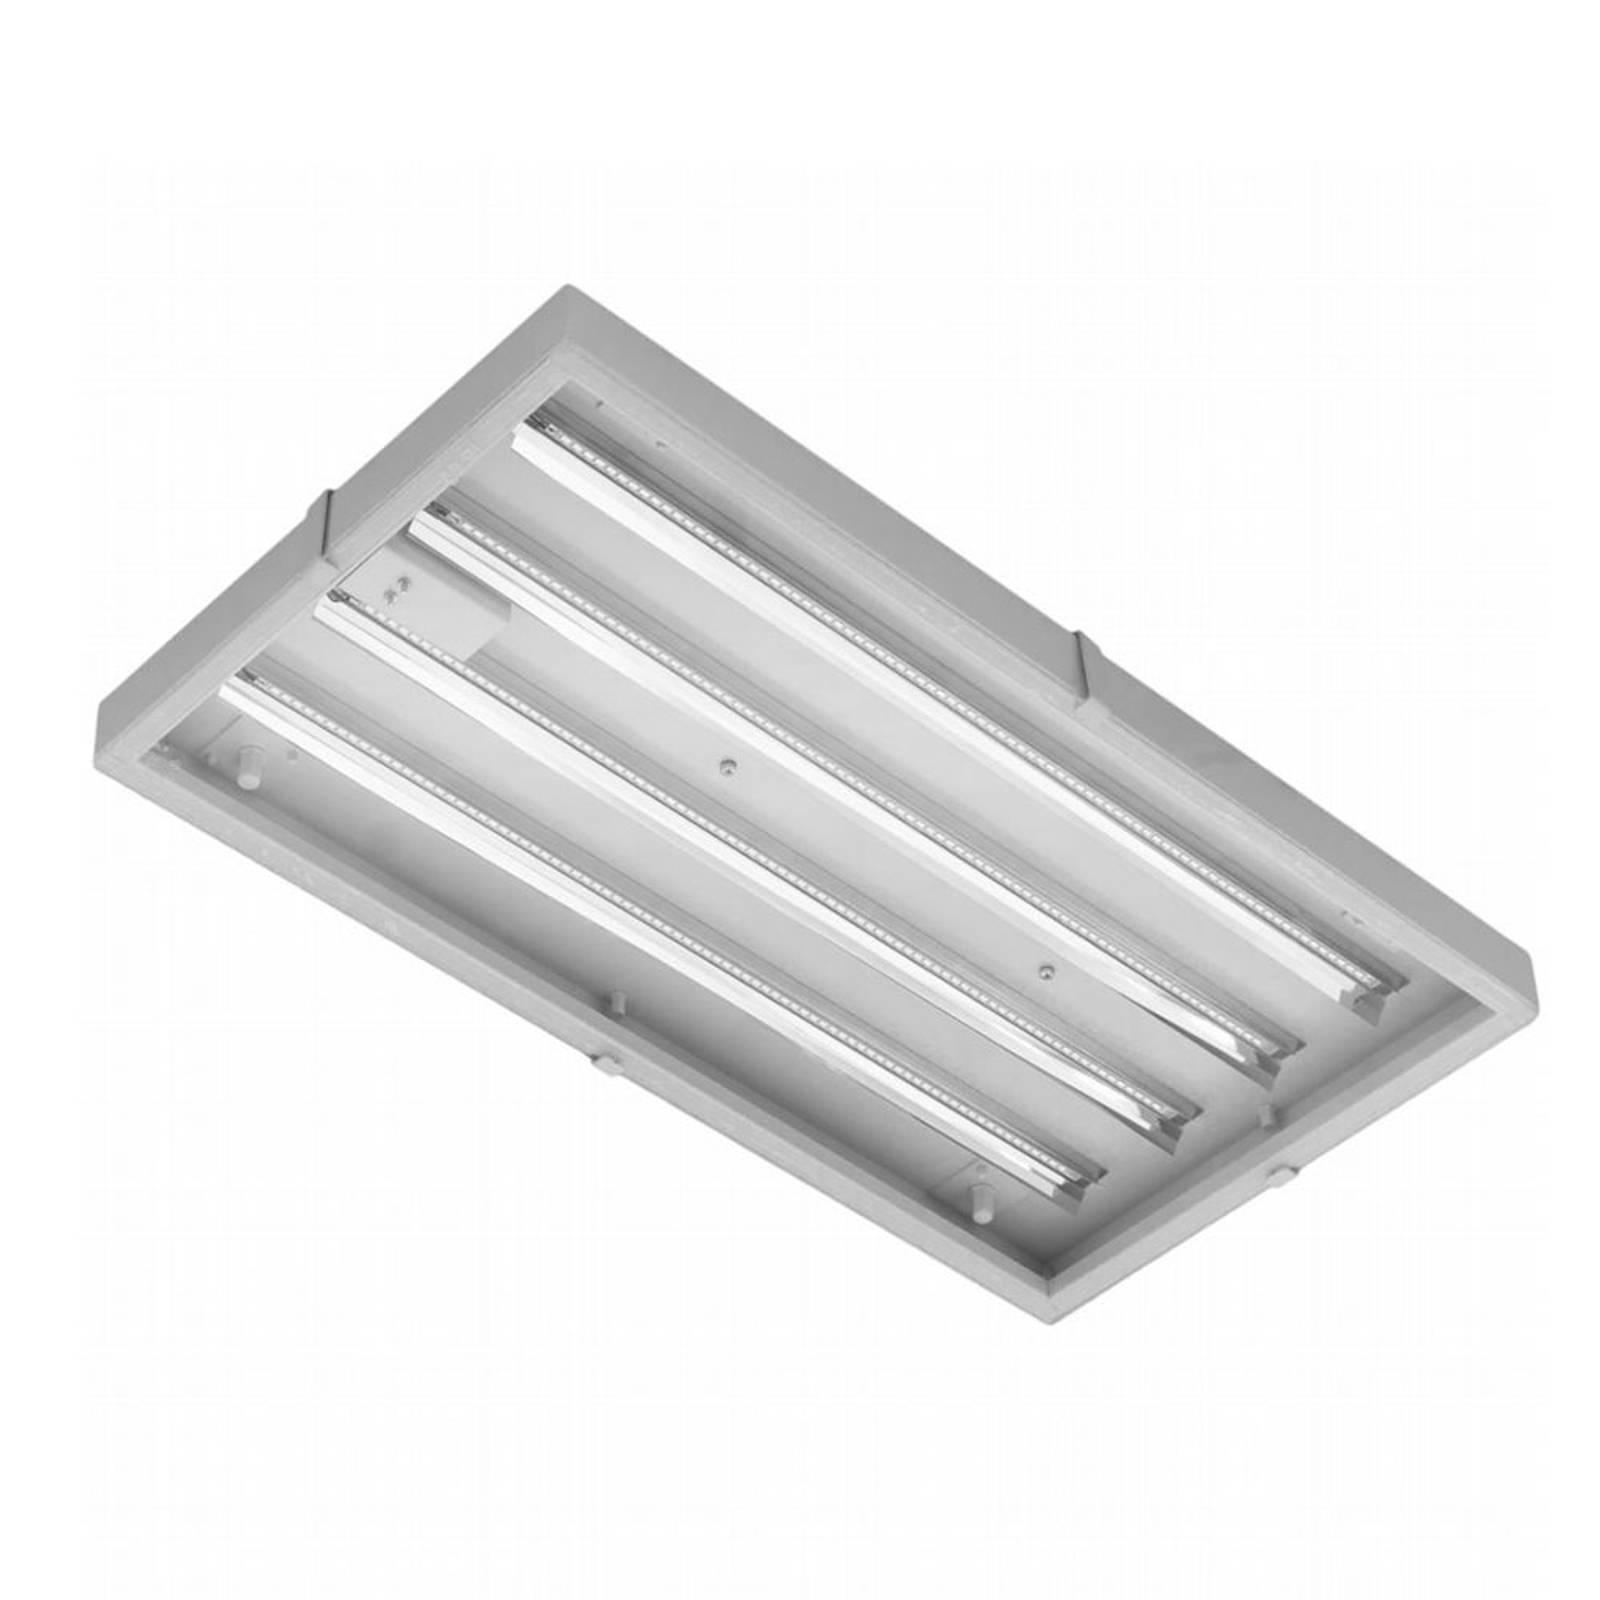 LED-Hallenstrahler mit klarer Abdeckung 108 W